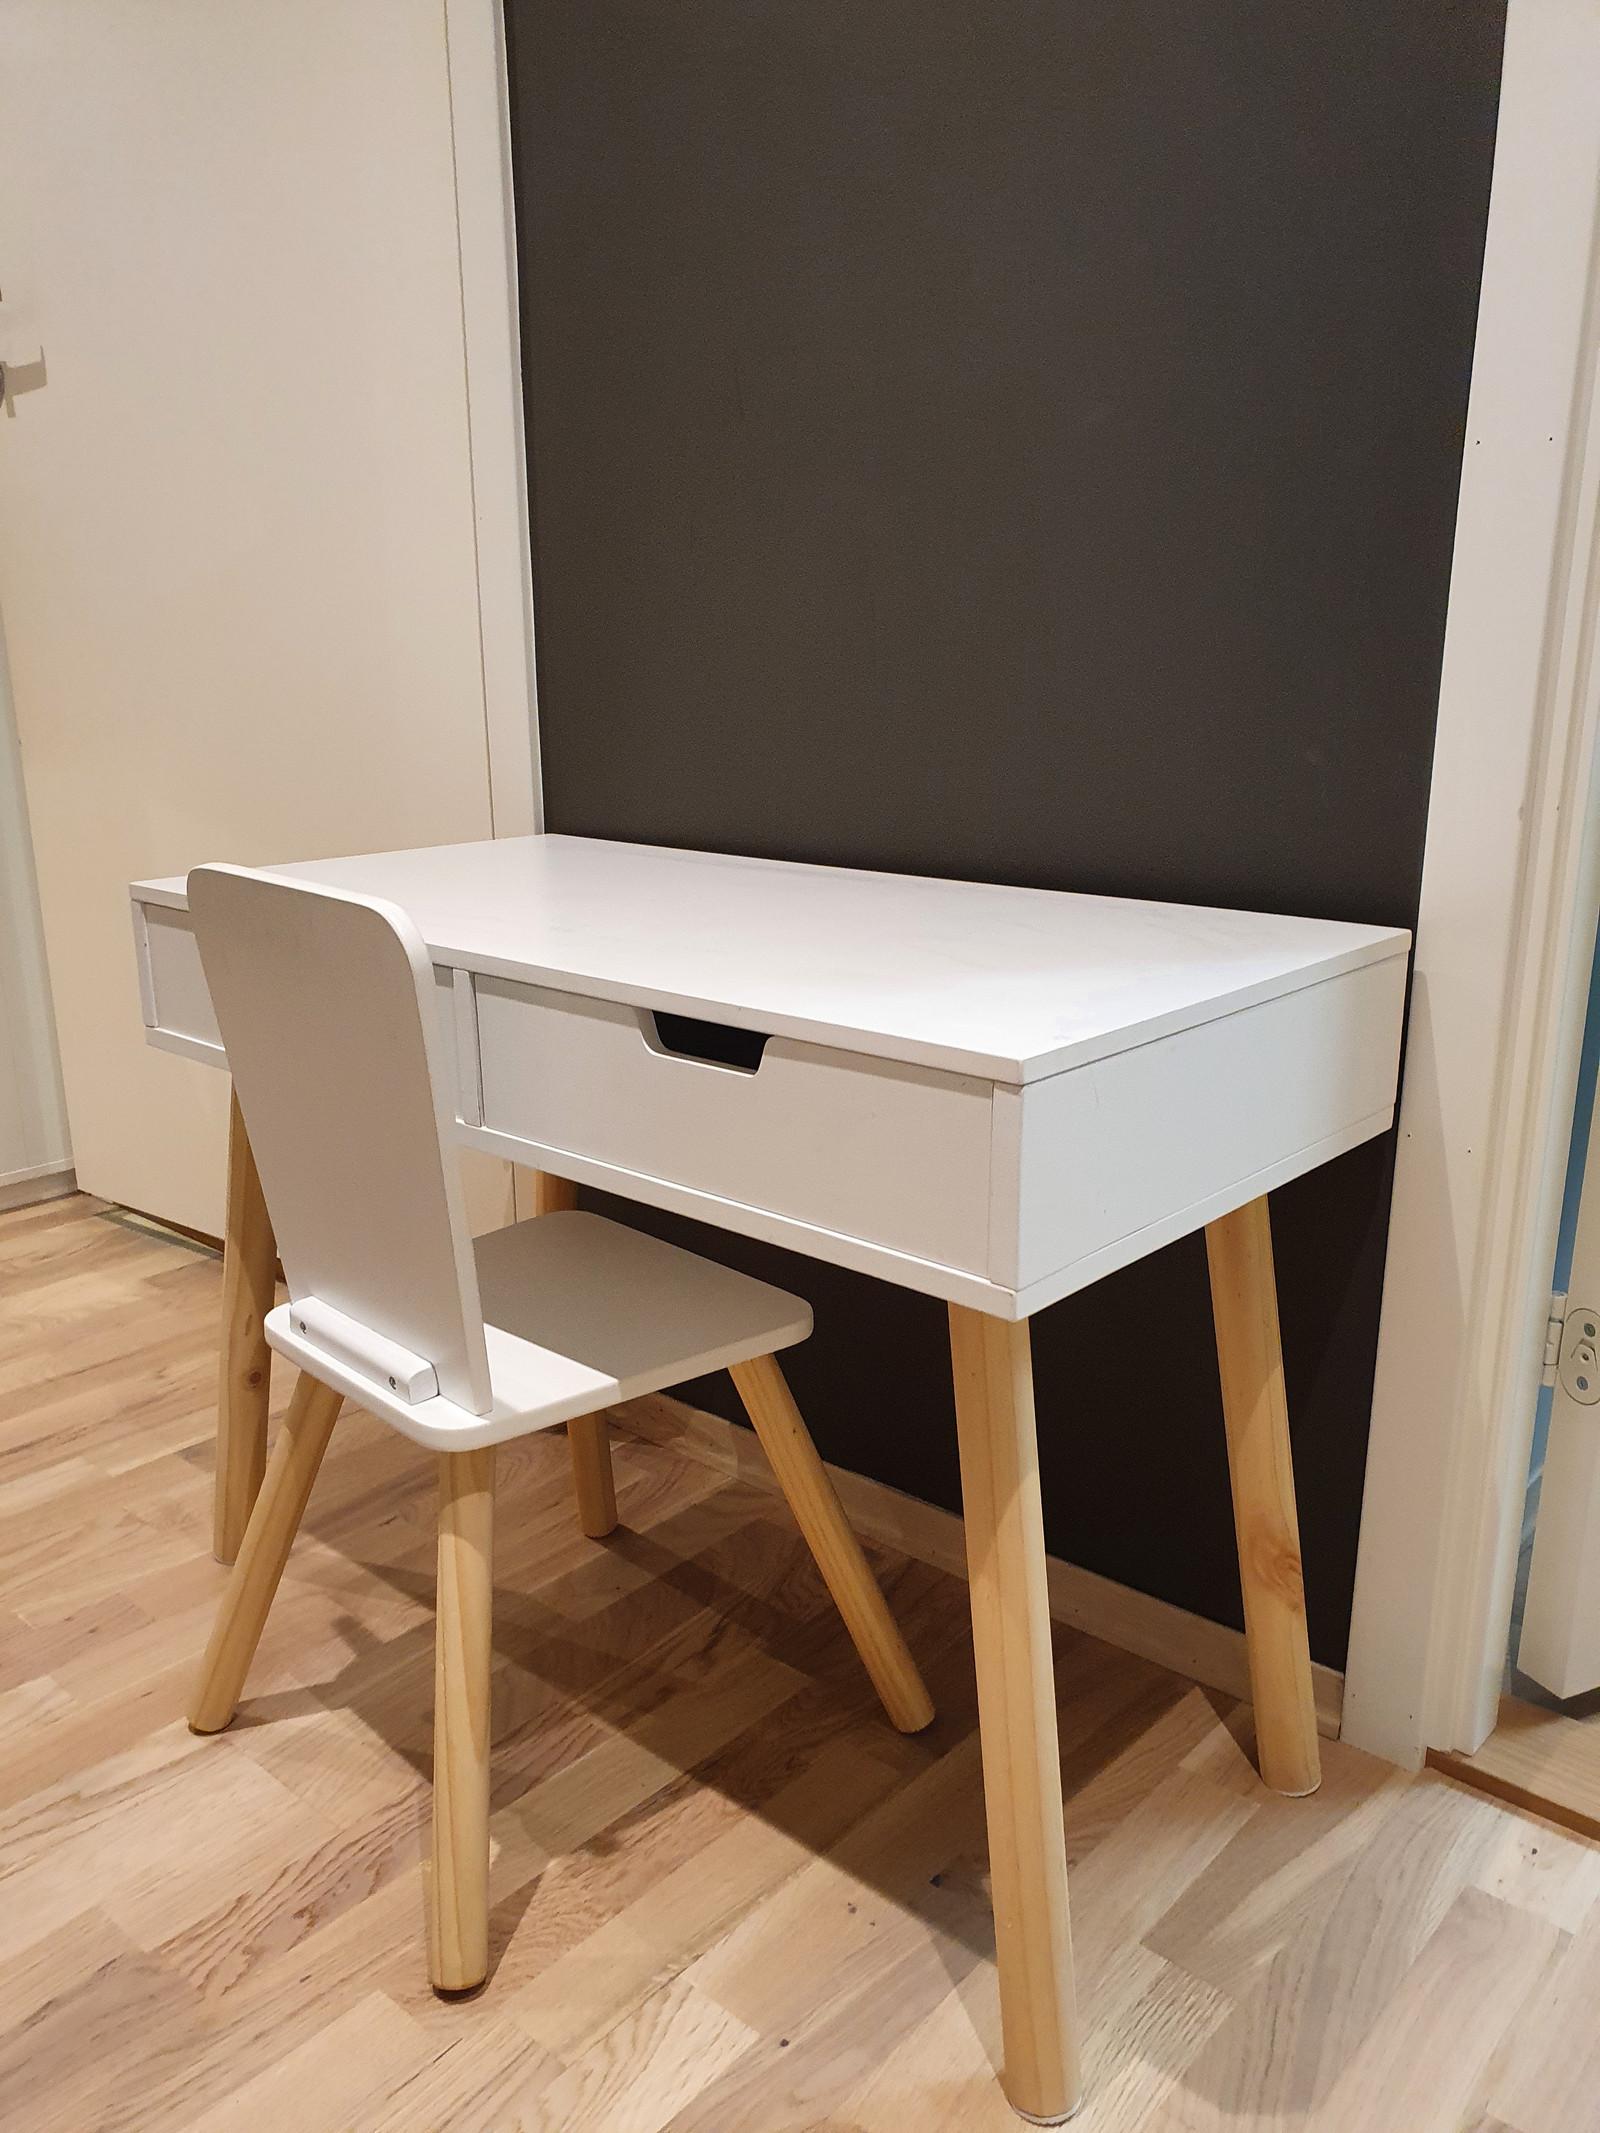 Skrivebord med tavle og stol i tre fra PlanToys